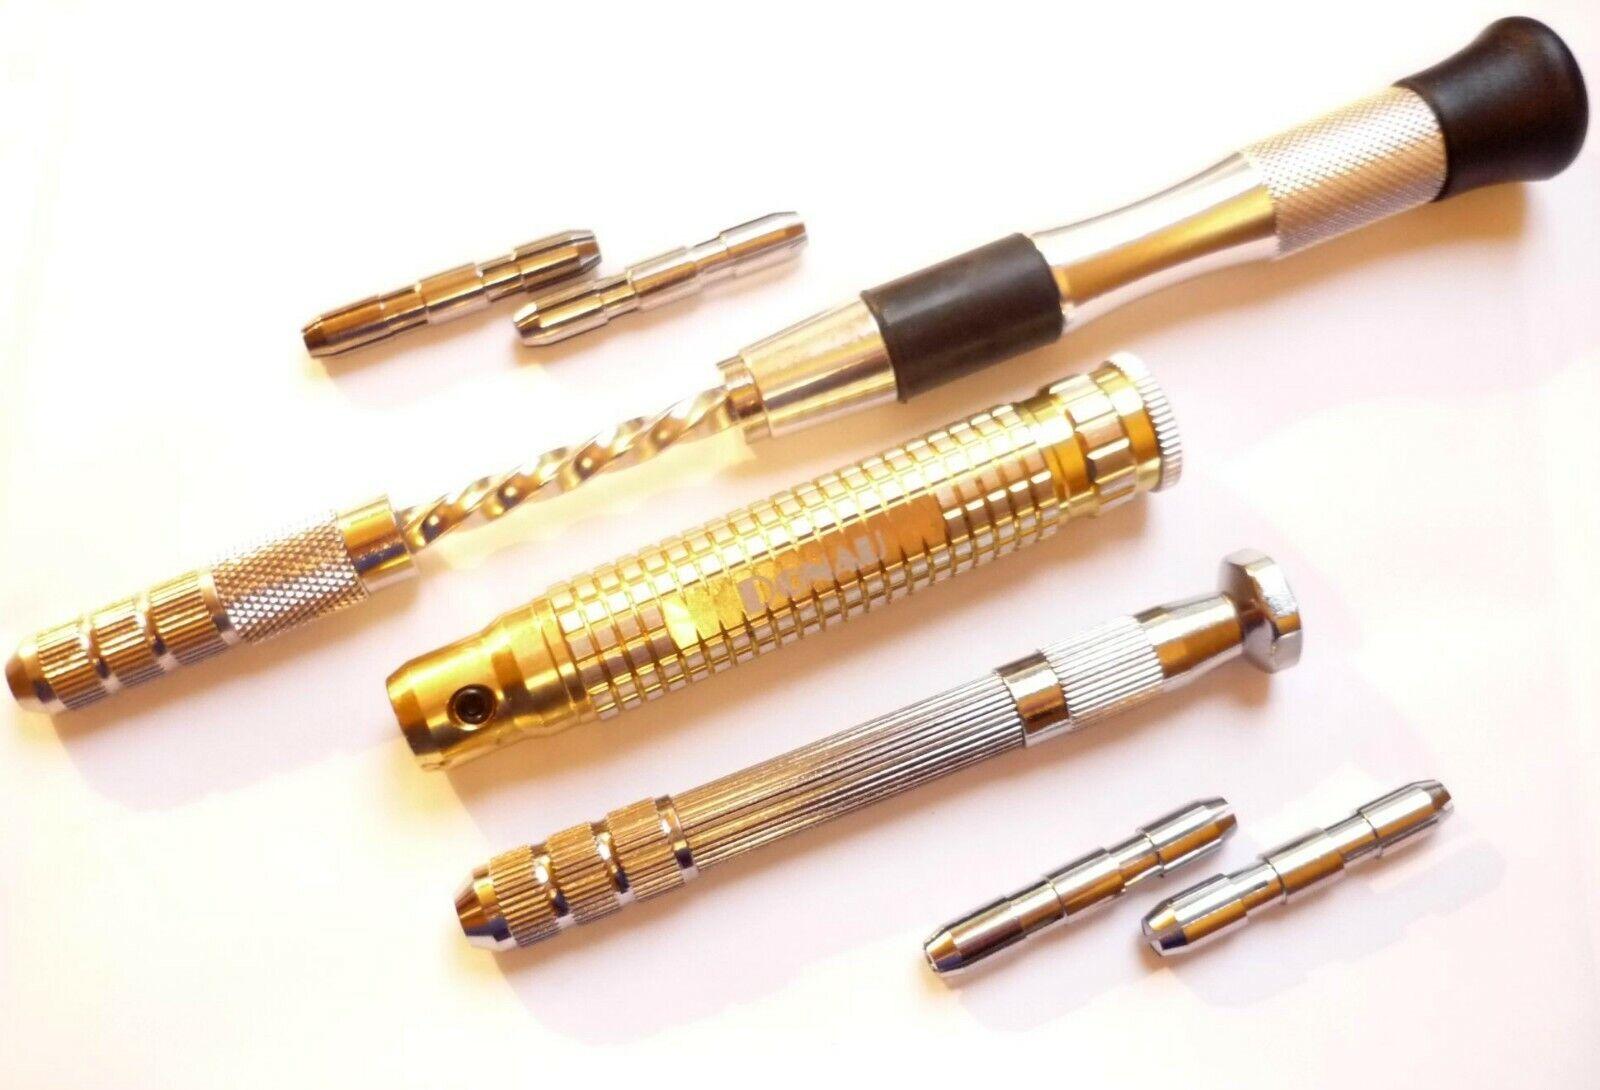 Los titulares de Herramienta de Aluminio Pro para Taladro de mano de archivo de hoja de Jigsaw MWH602040